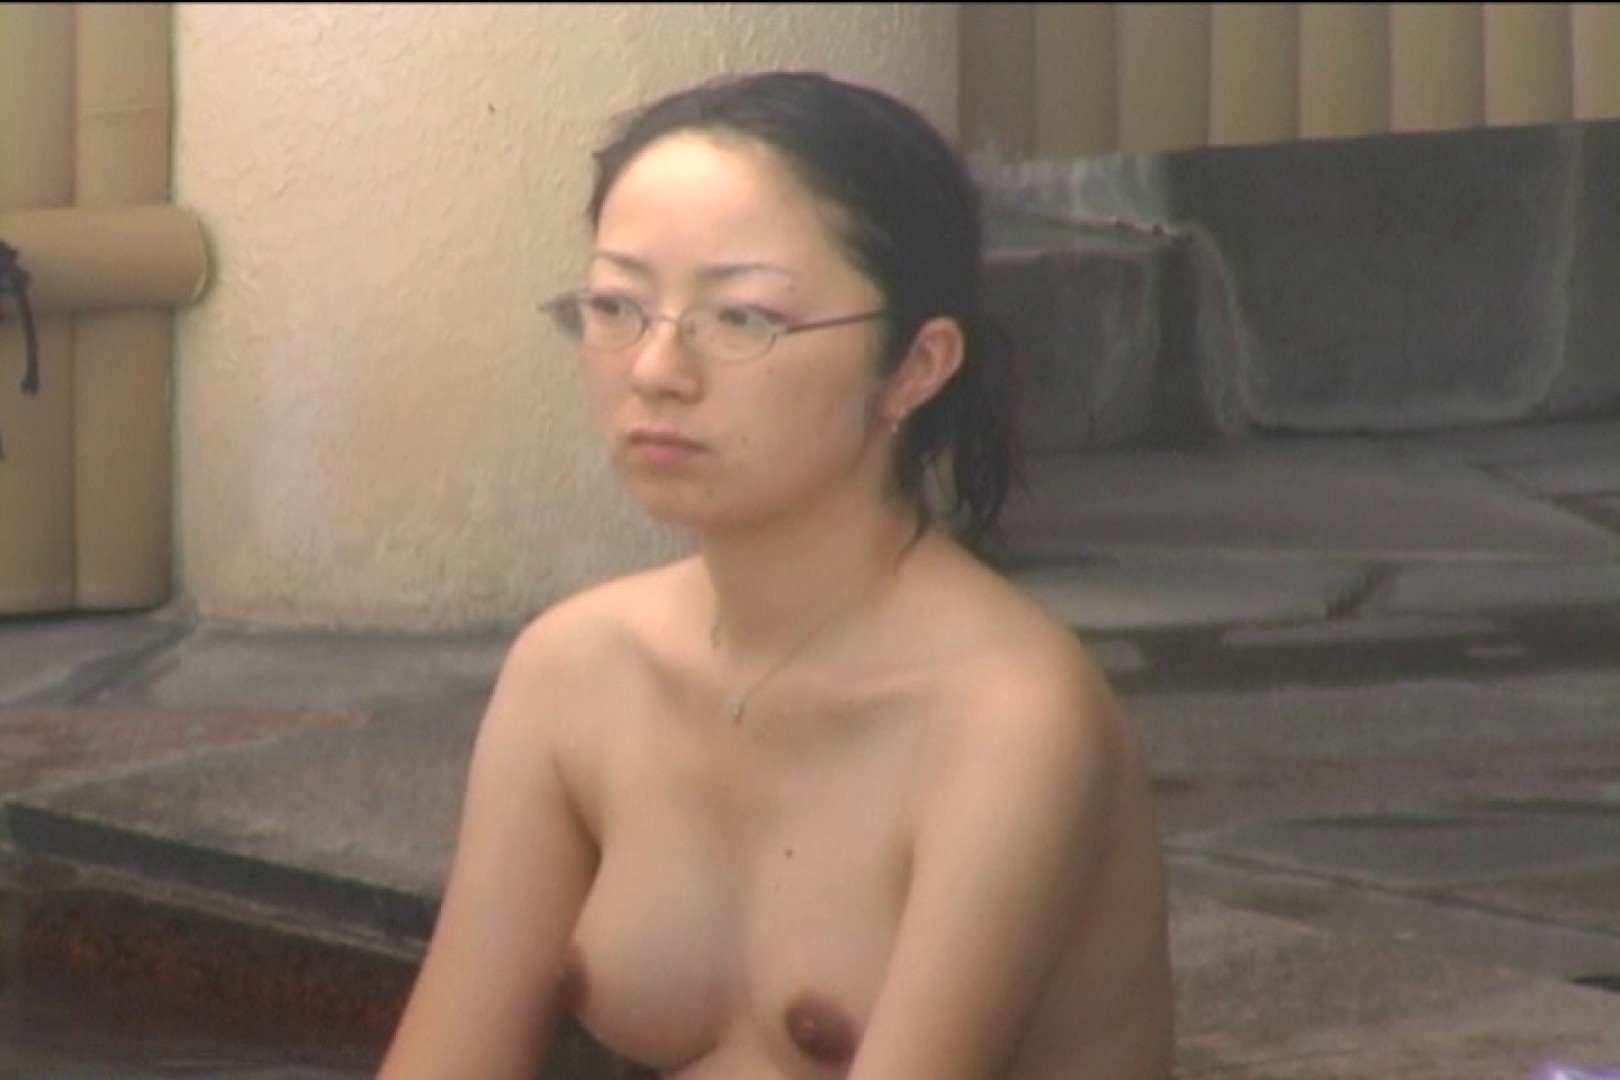 Aquaな露天風呂Vol.534 美しいOLの裸体 | 盗撮師作品  87pic 37